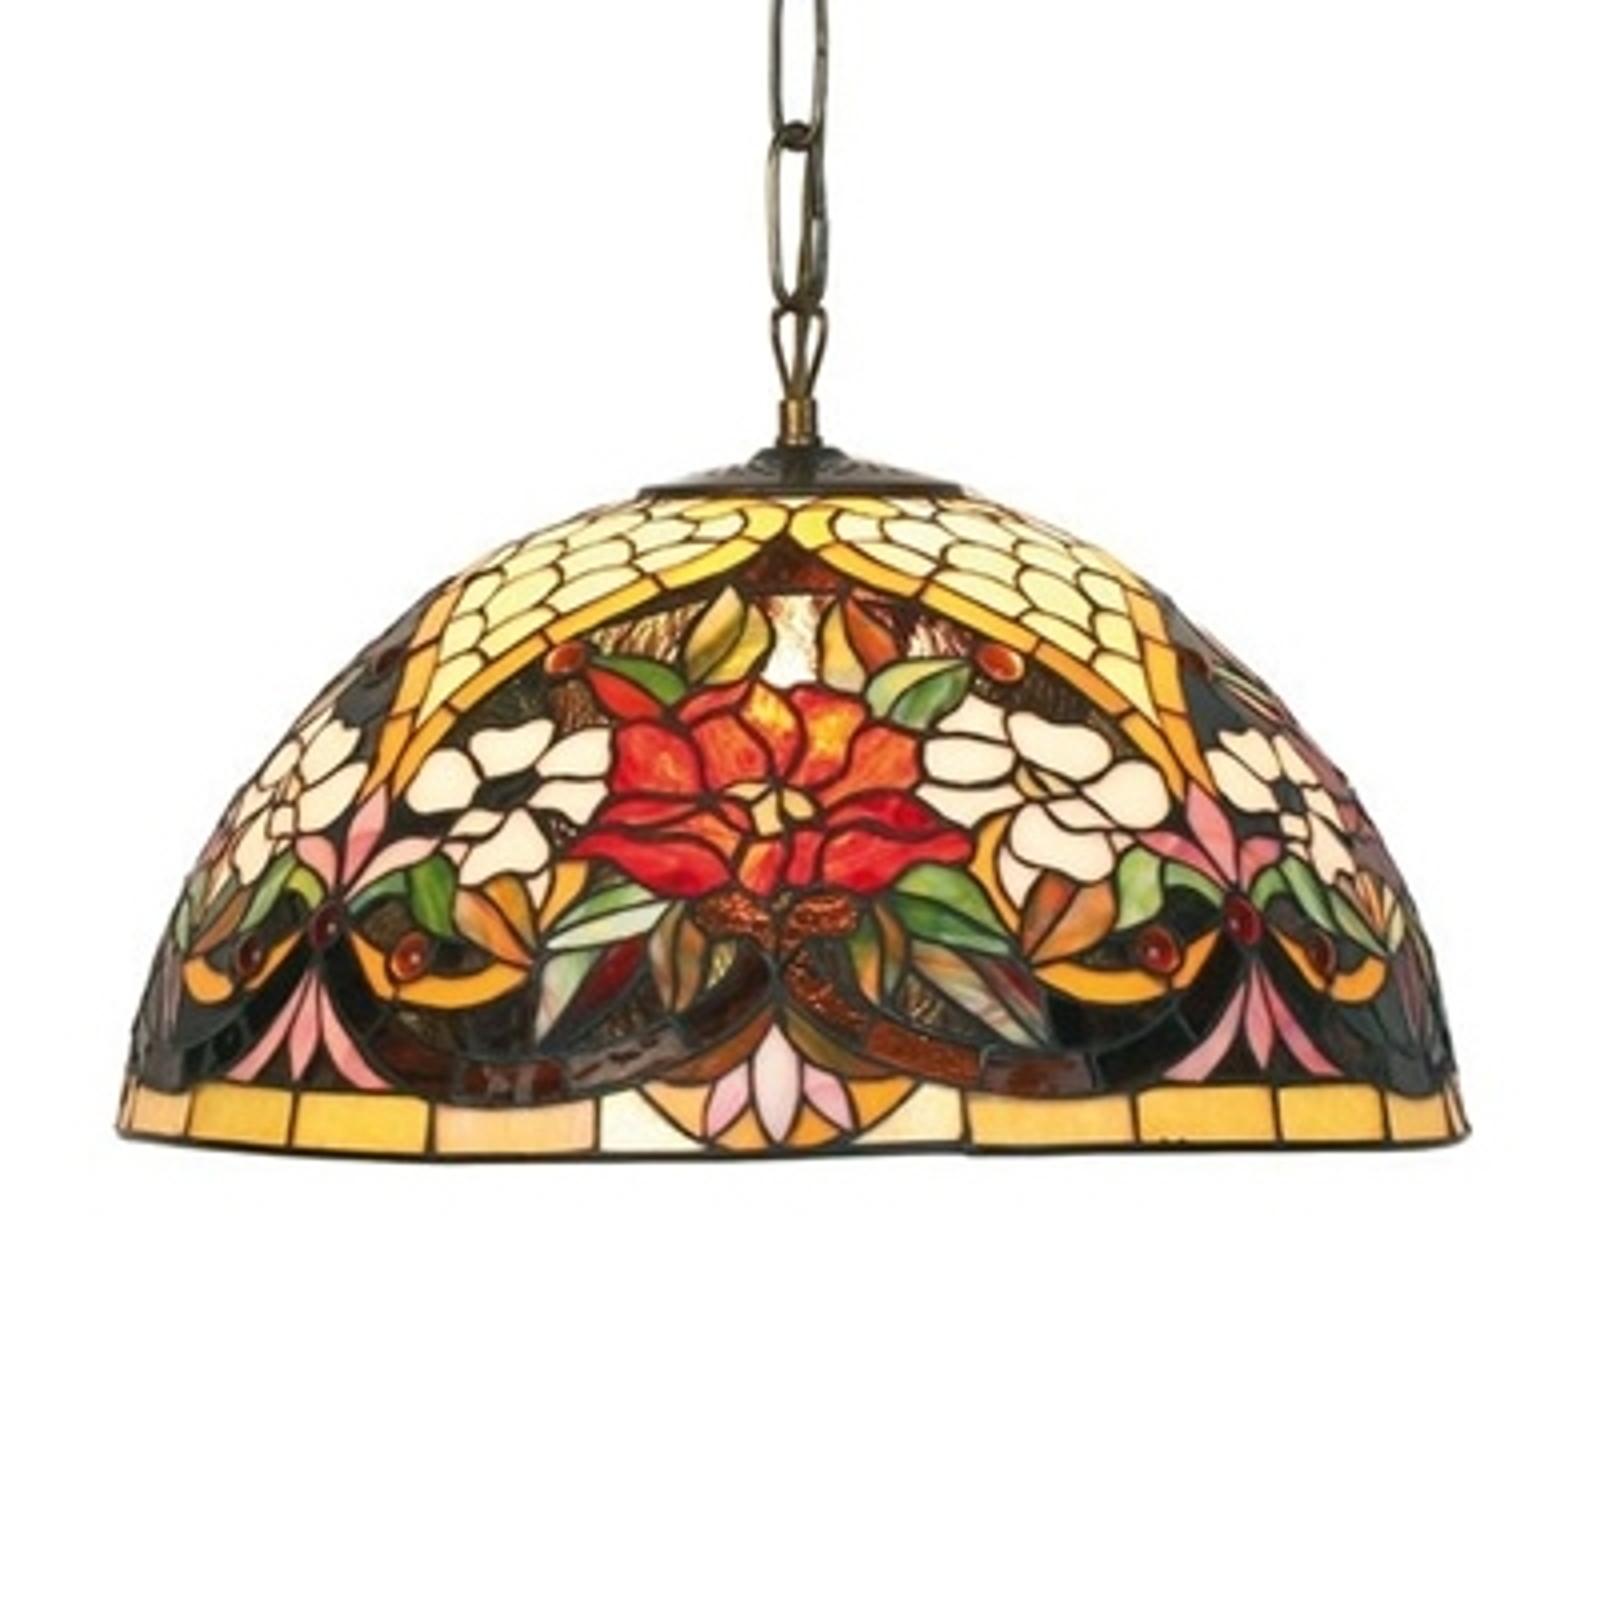 ANTINA blomstret hængelampe, 2 x E27